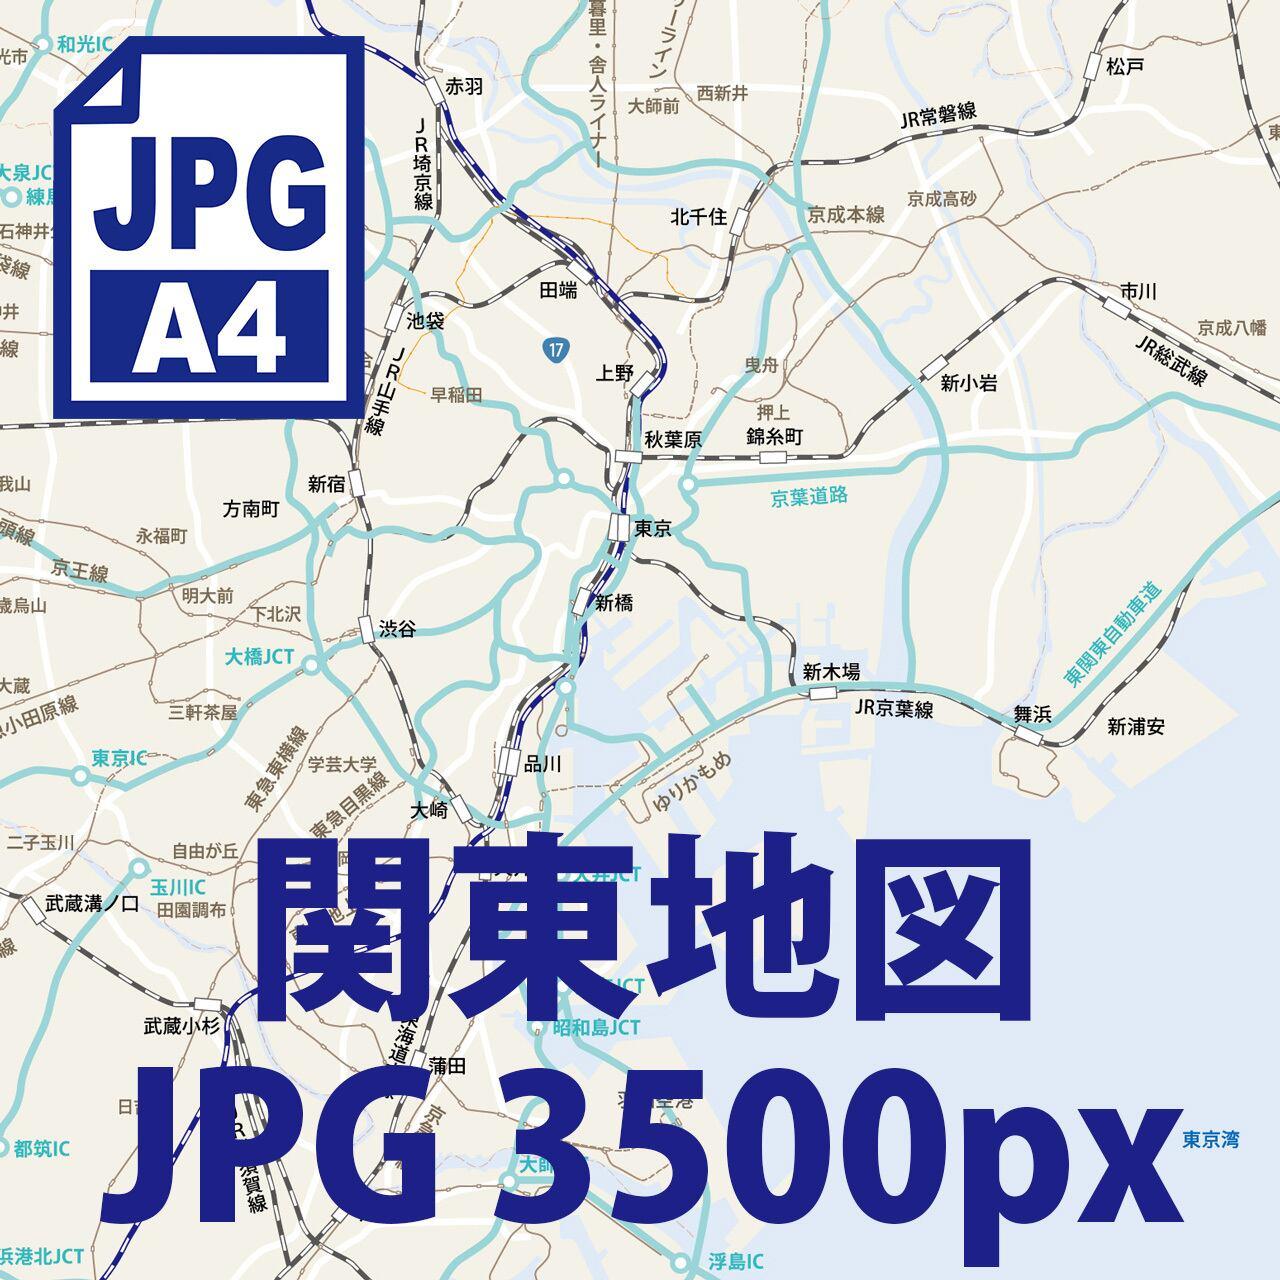 関東エリアマップ(画像3500px)A4